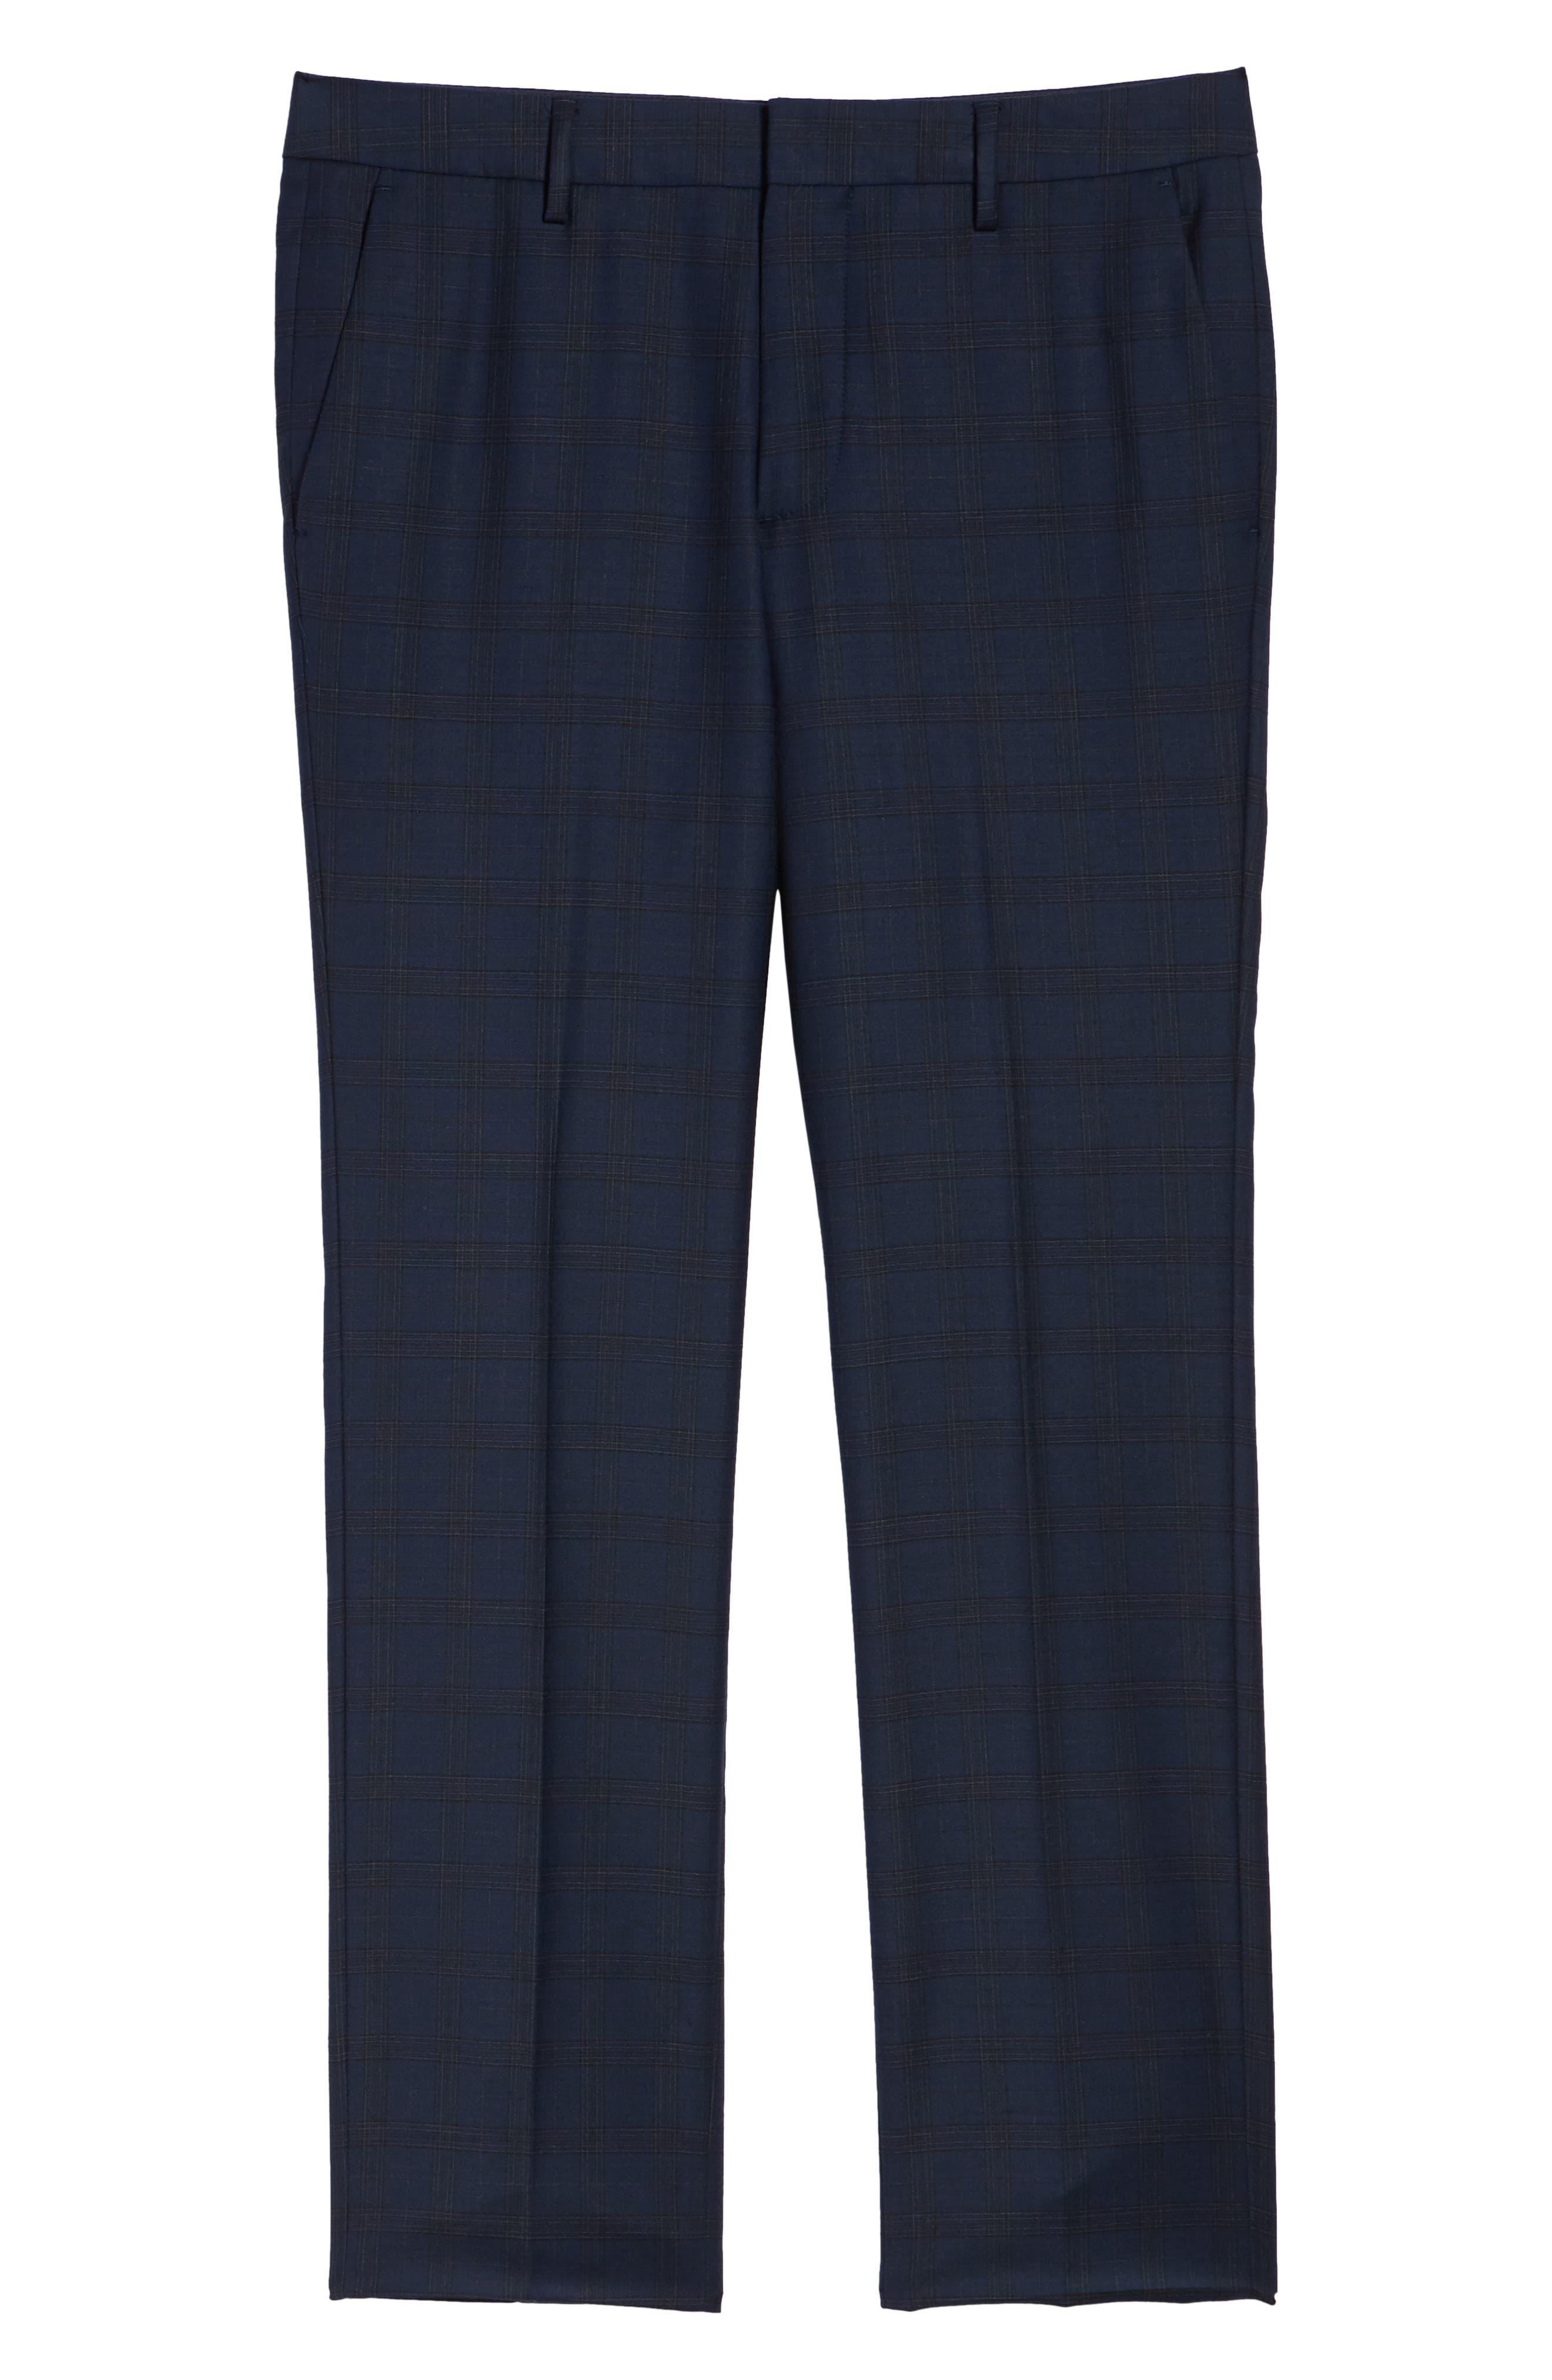 Jetsetter Slim Fit Stretch Suit Pants,                             Alternate thumbnail 6, color,                             SUBTLE NAVY PLAID